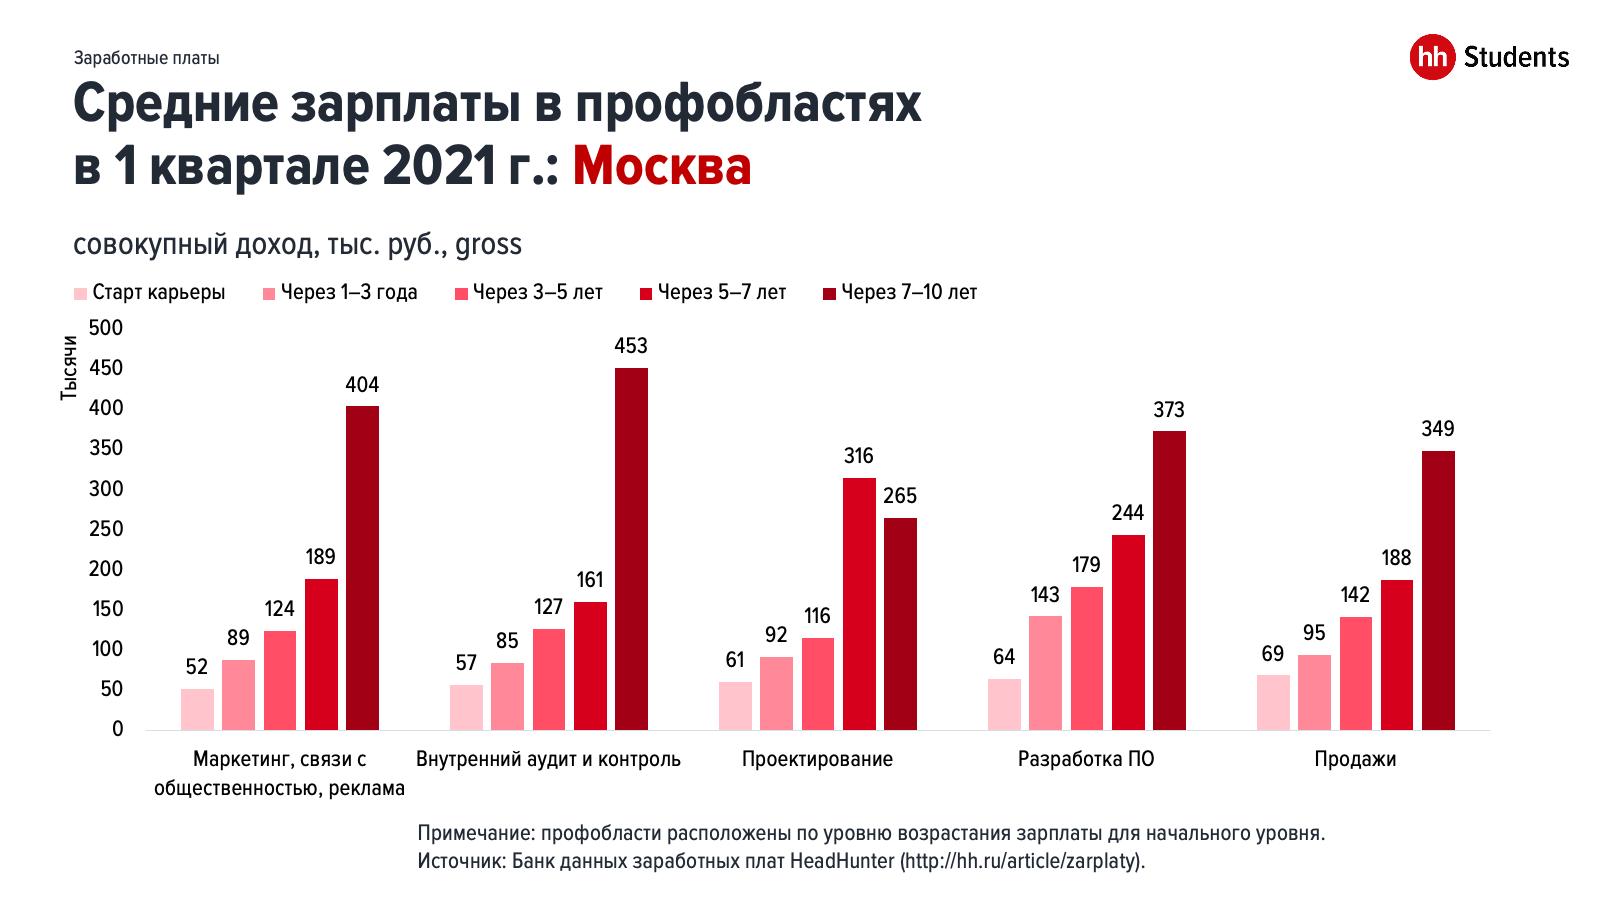 Молодые специалисты: зарплата и перспективы